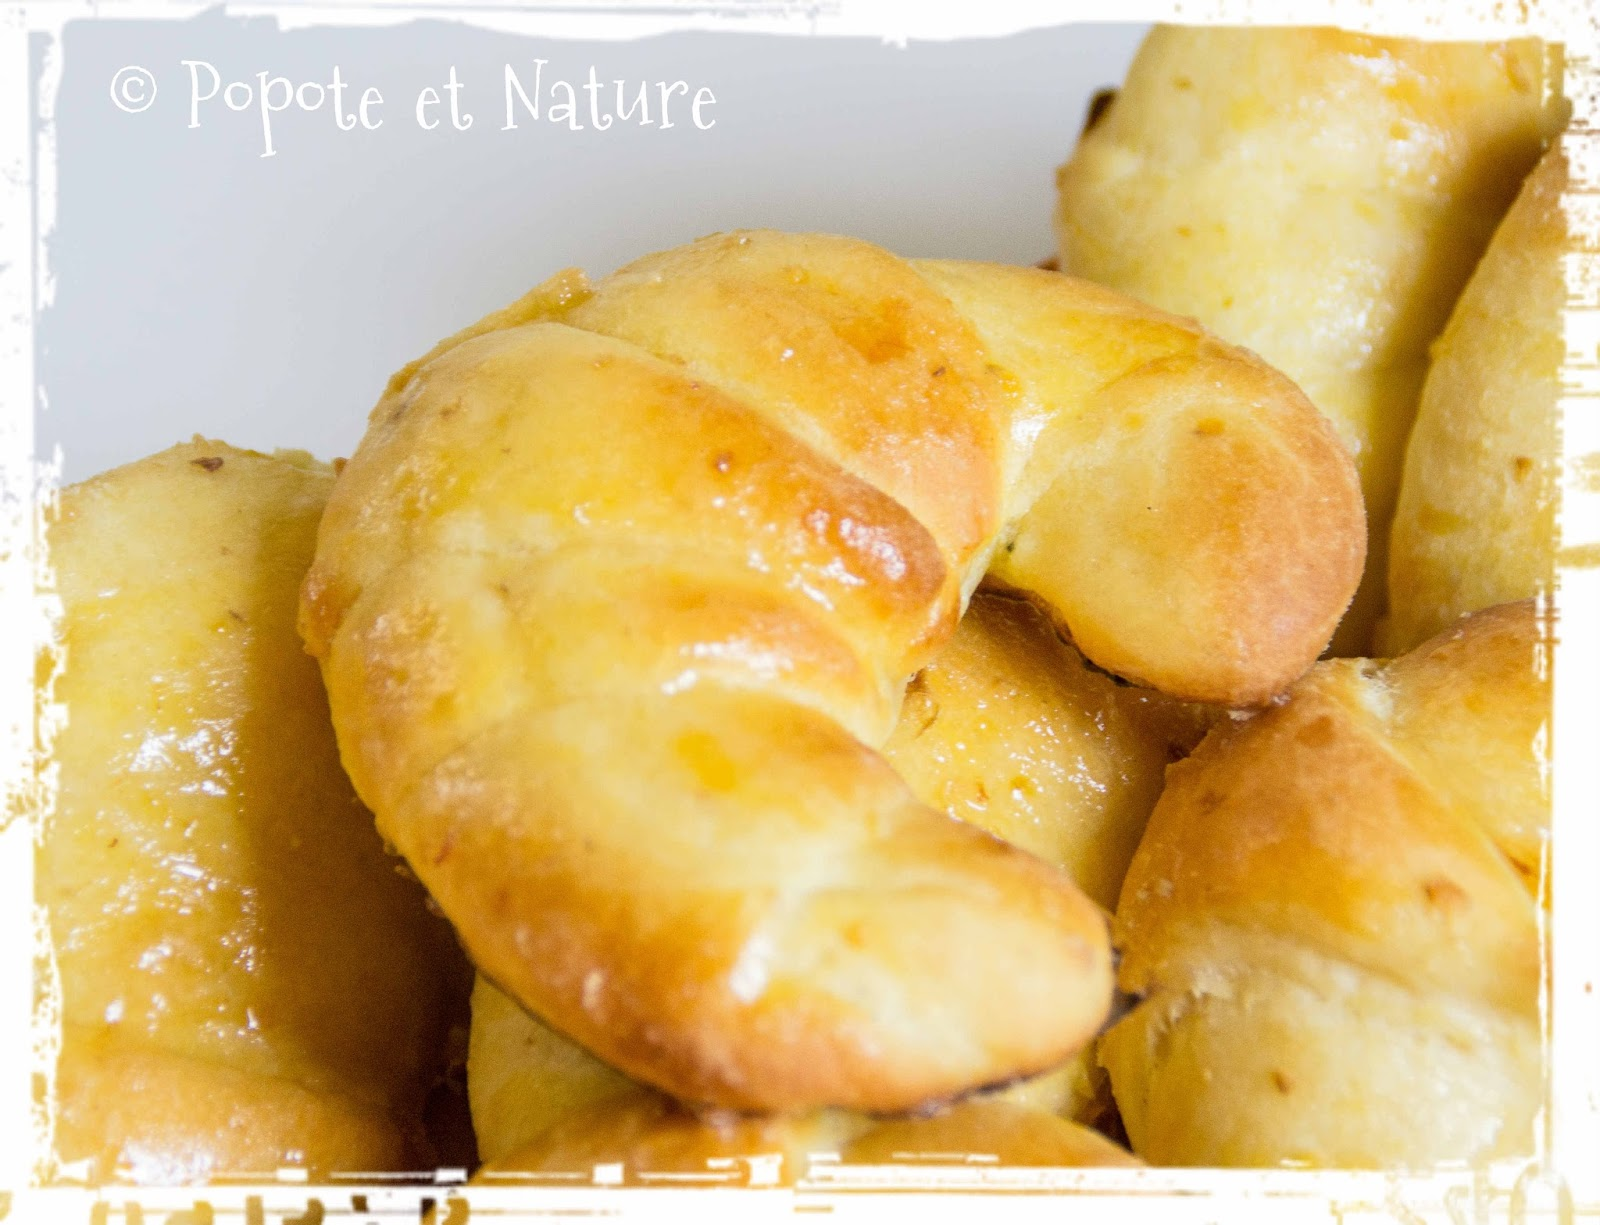 Popote et nature des croissants oui mais avec une p te - Recette de cuisine portugaise avec photo ...